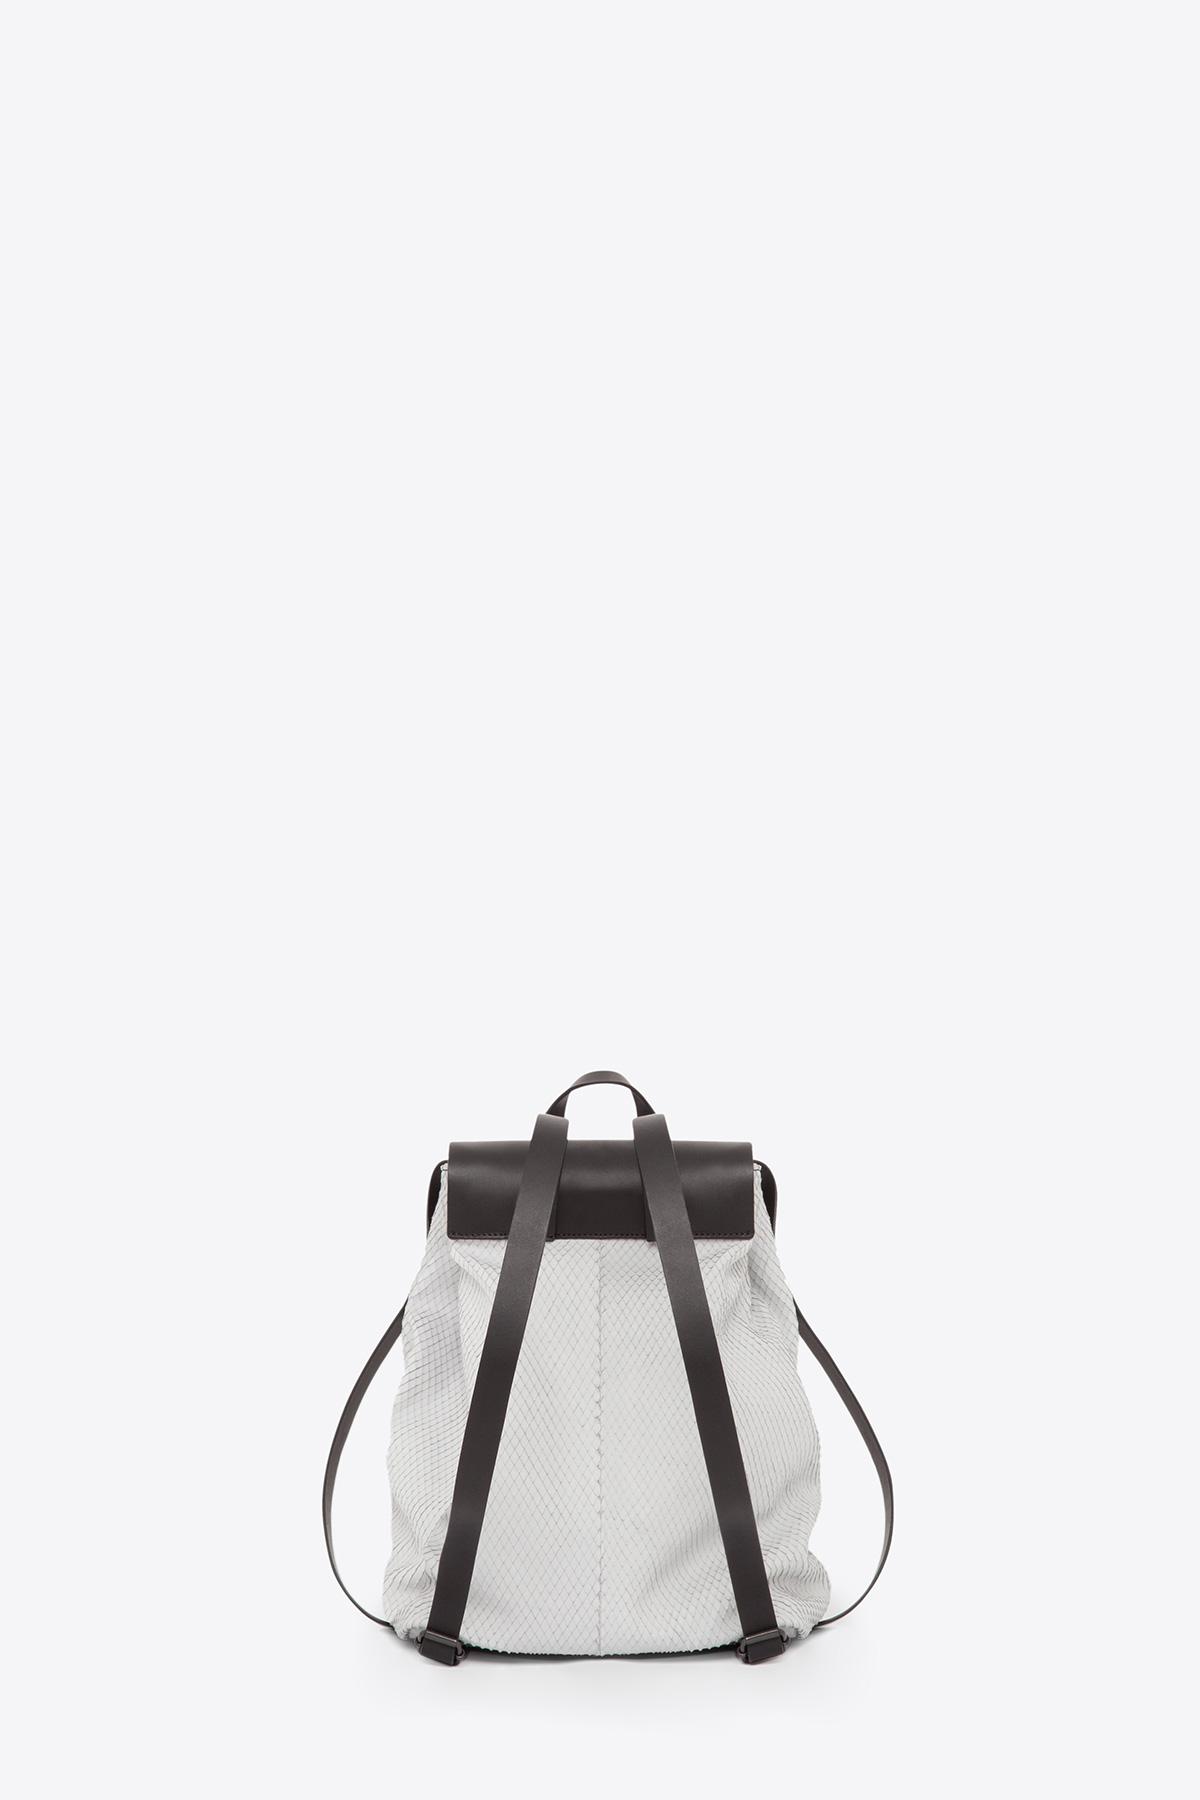 dclr009-b-backpack-a22-backsnakefoggrey-back